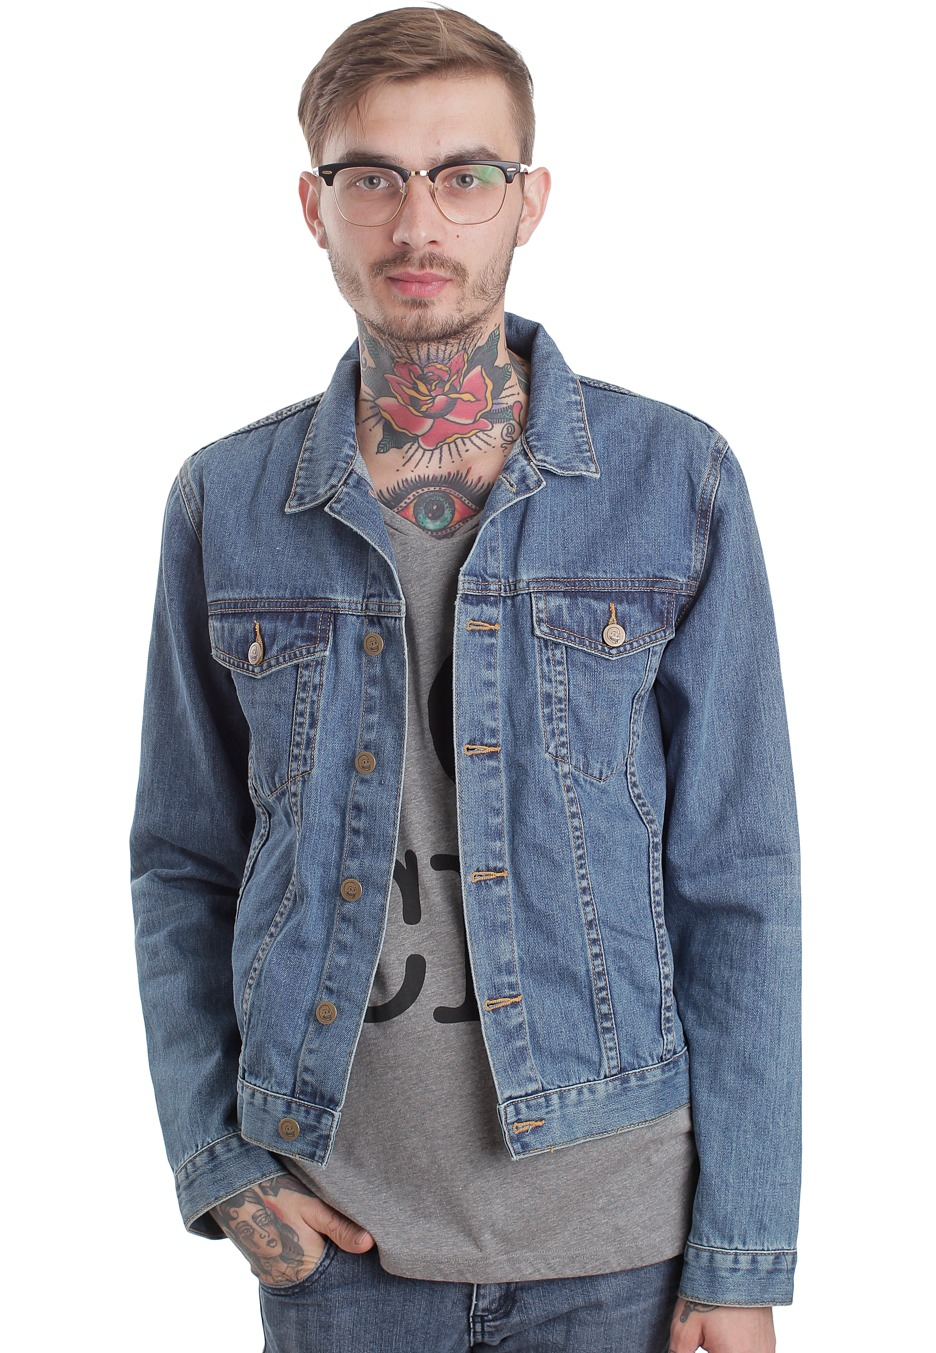 Where Can I Buy Jean Jackets - My Jacket